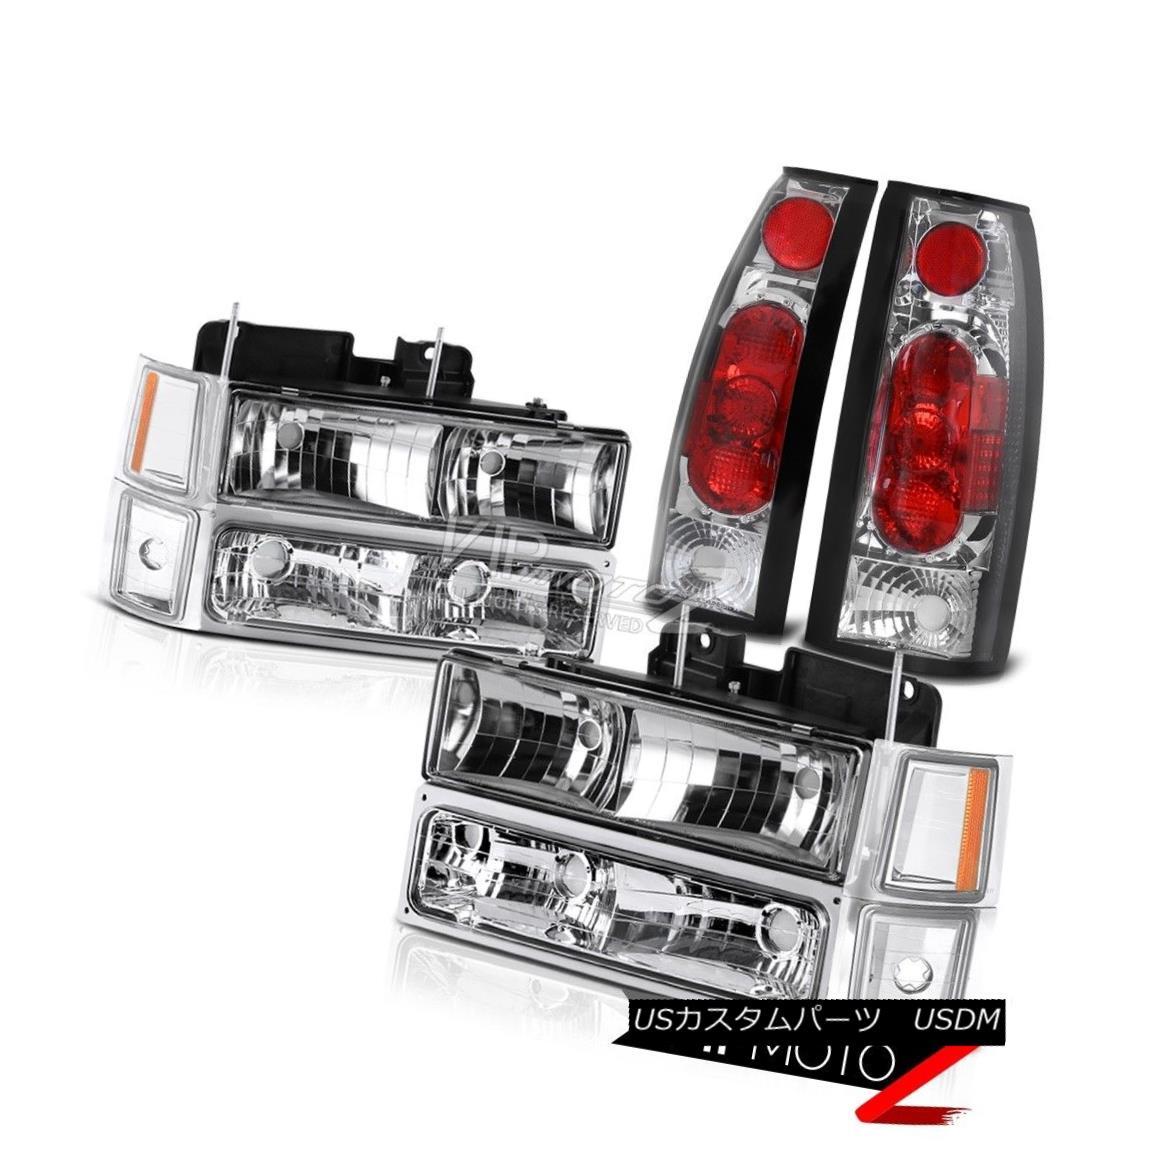 テールライト NEWEST Chrome Altezza Tail Lights Headlights 1994-1998 Chevy Silverado Suburban 最新のクロームAltezzaテールライトヘッドライト1994-1998 Chevy Silverado郊外